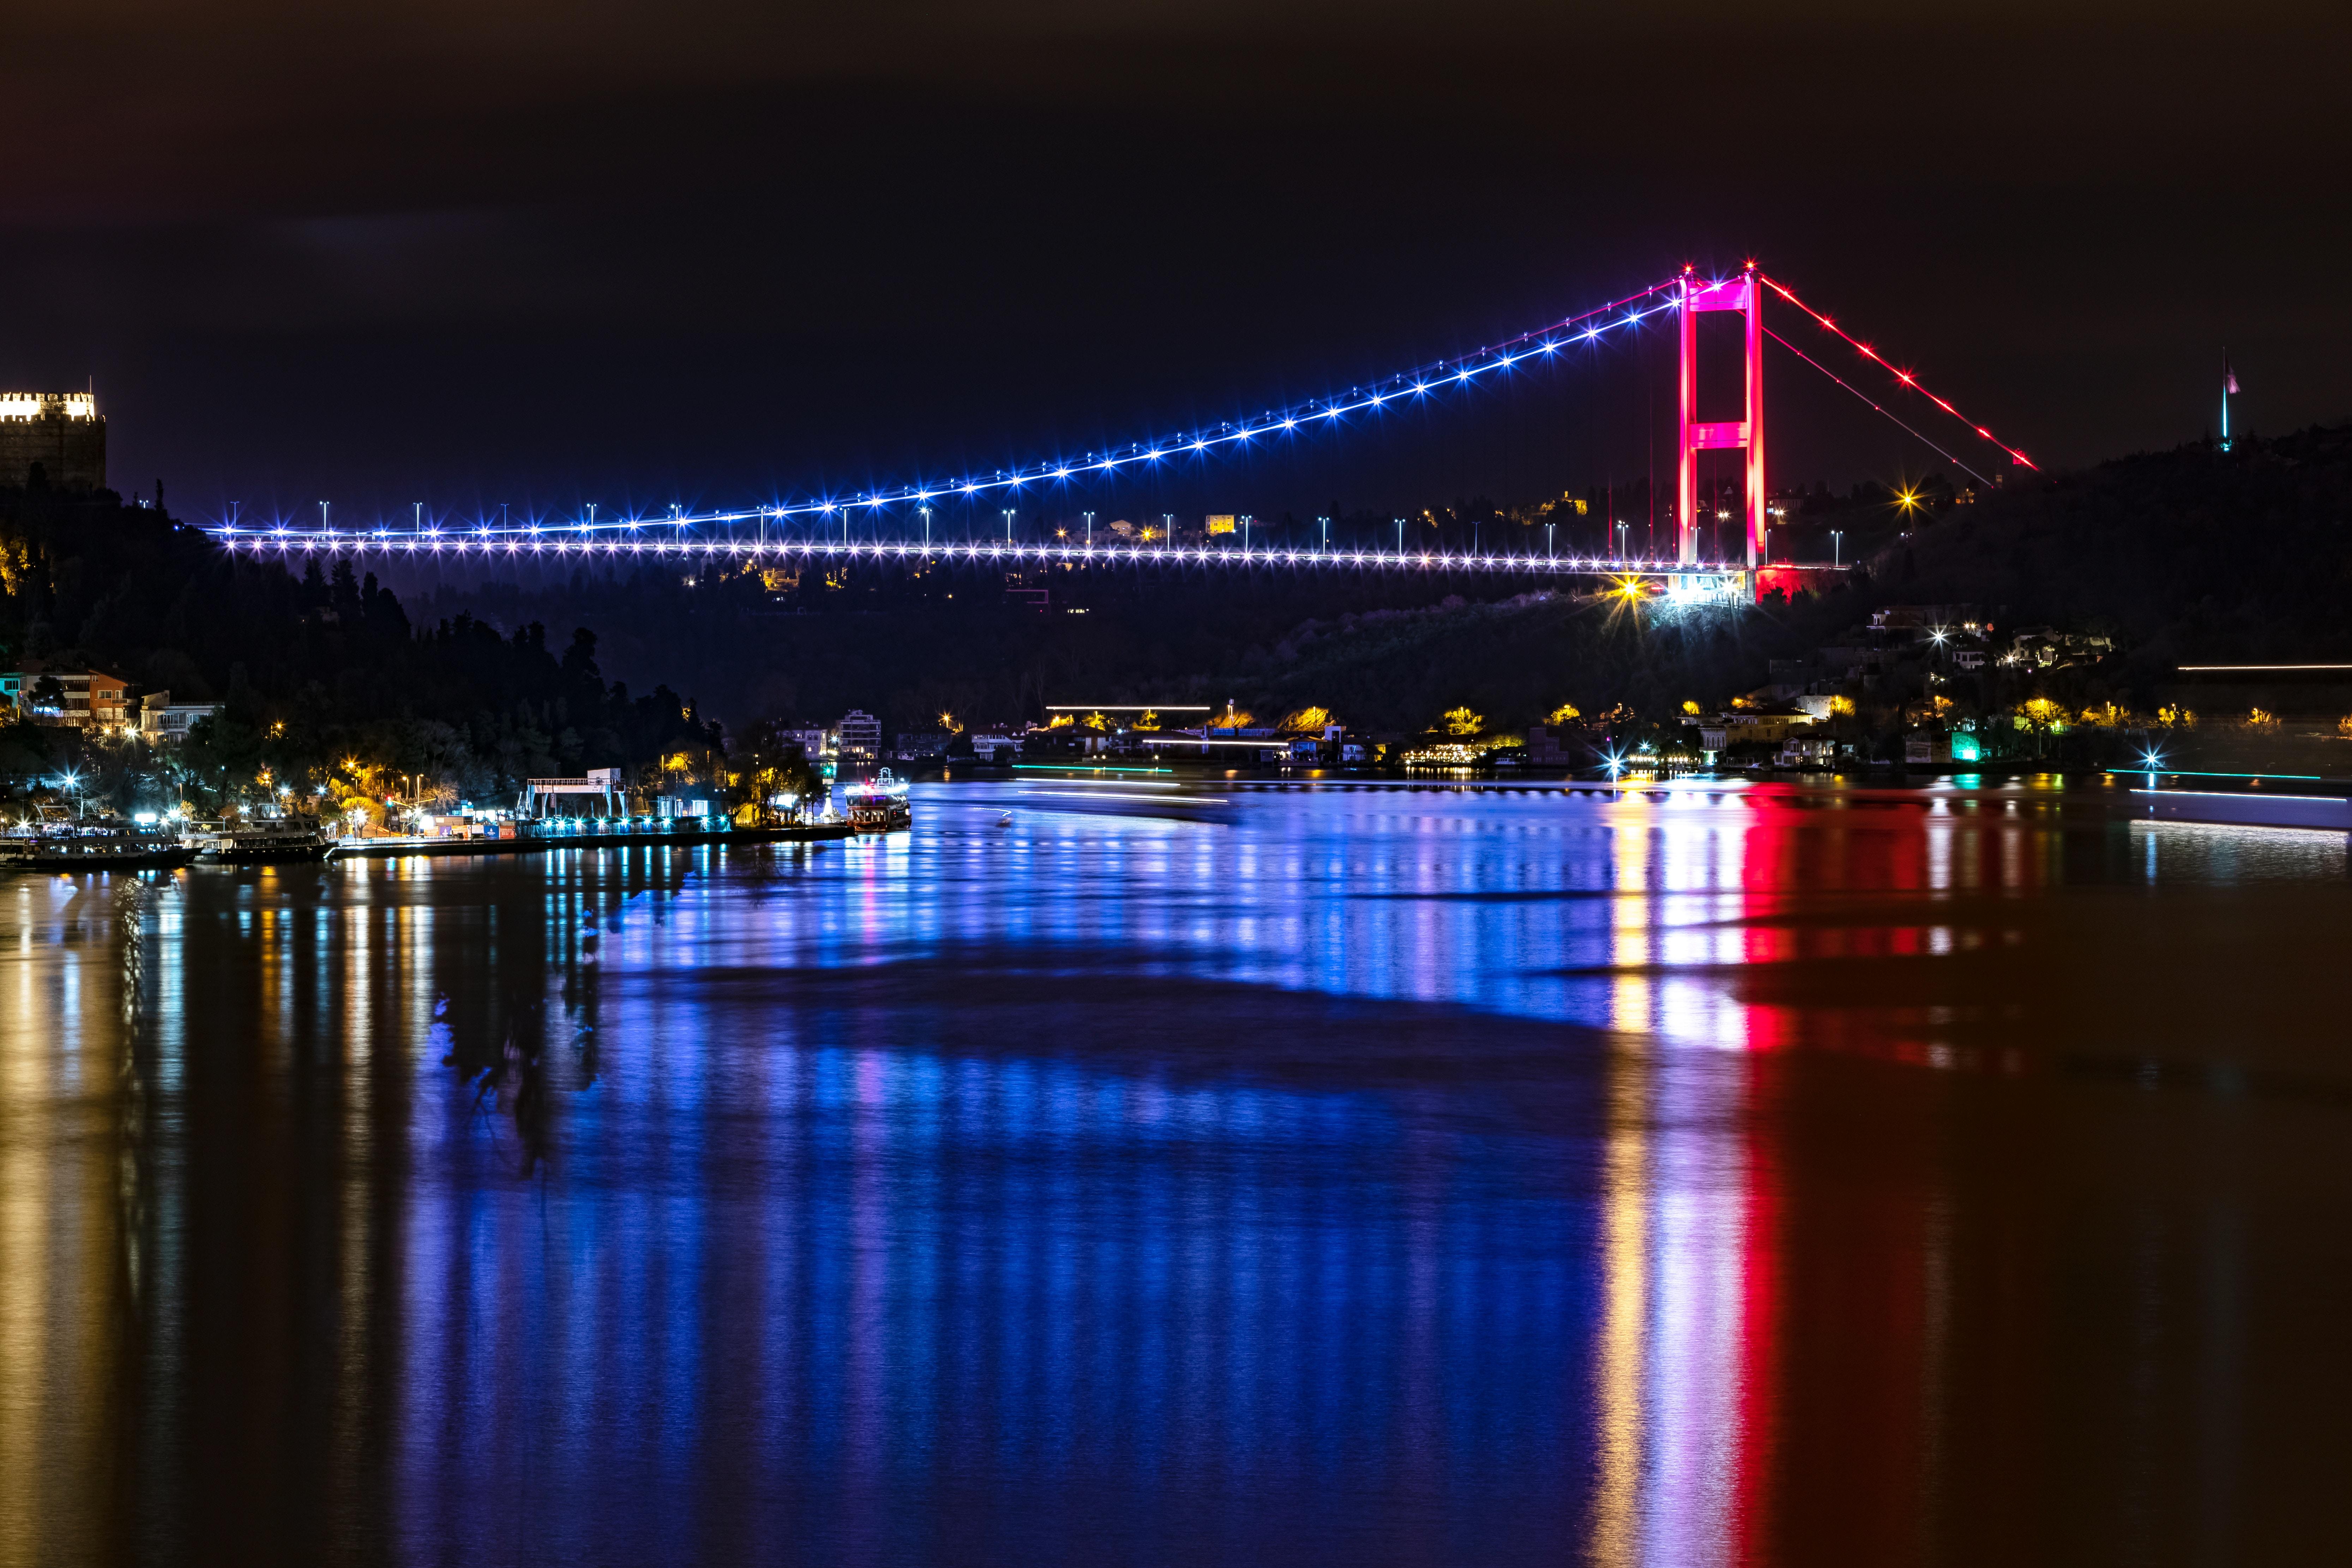 141195 скачать обои Города, Река, Отражение, Мост, Подсветка, Стамбул - заставки и картинки бесплатно